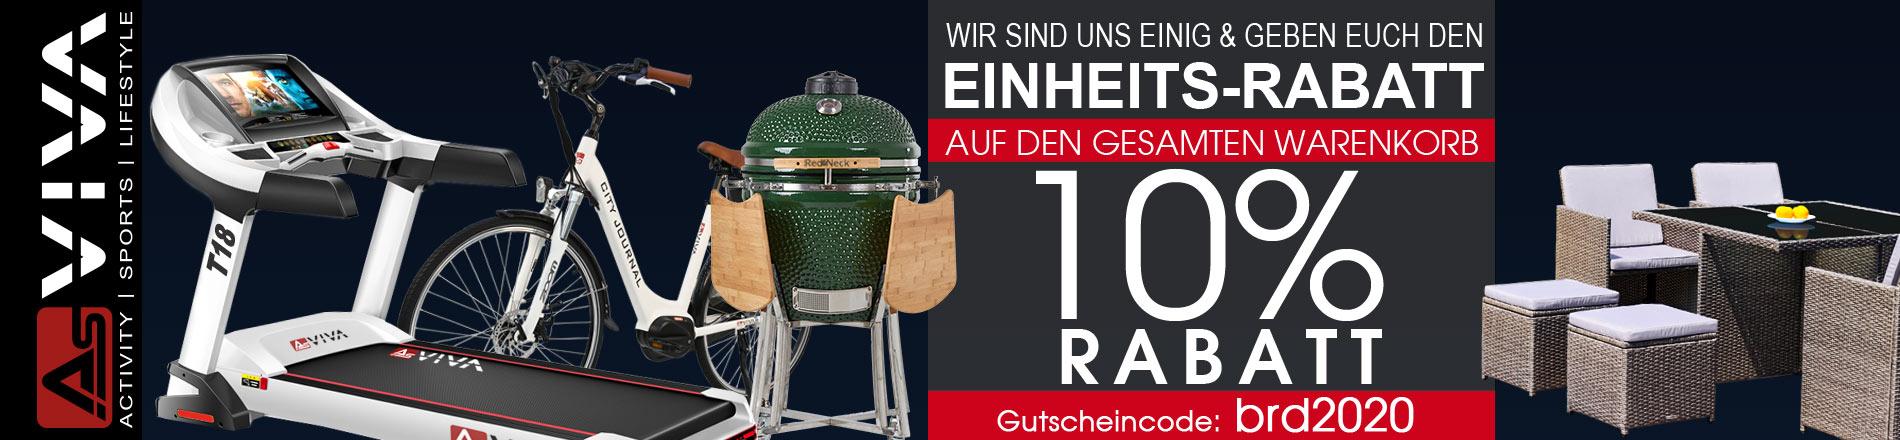 10% Deutsche-Einheit-Rabatt Gutschein für Fitnessgeräte, E-Bikes, E-Scooter, Keramikgrilss und Gartenmöbel